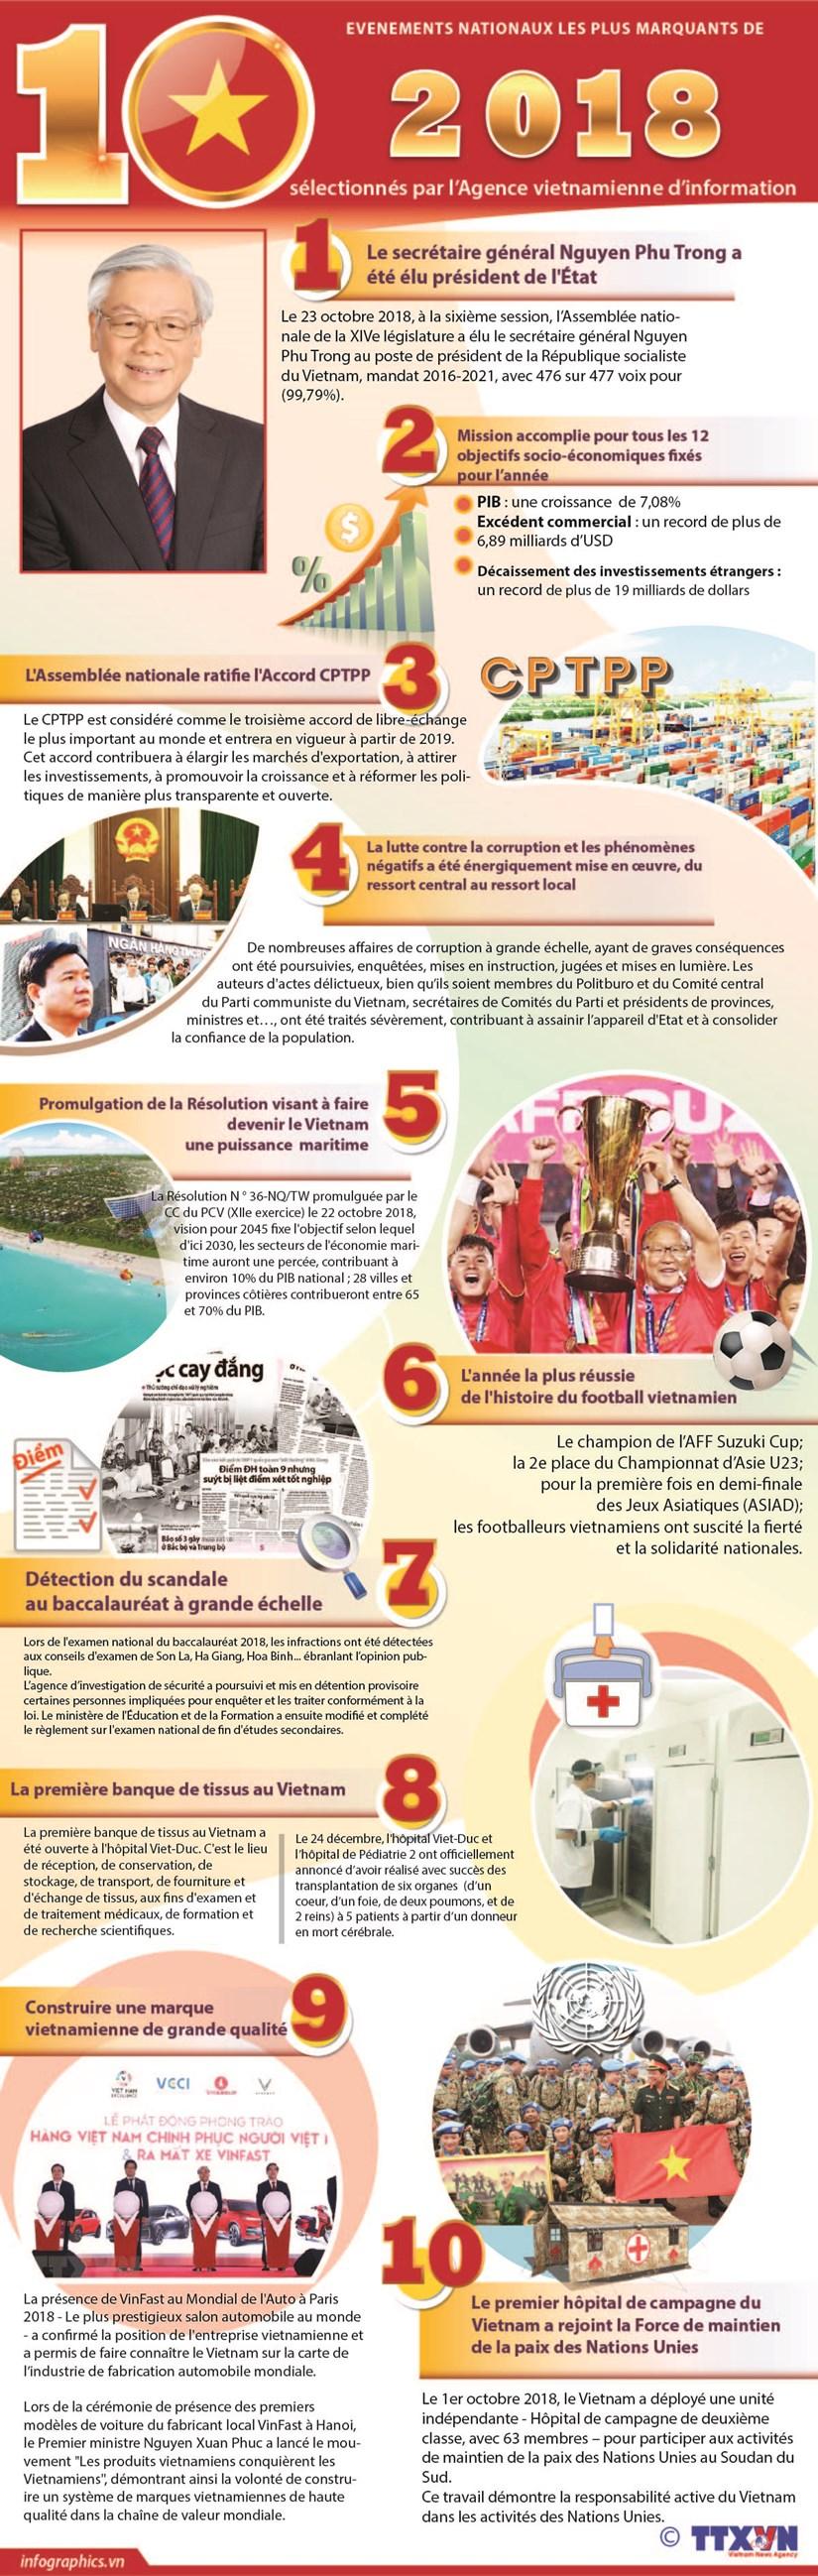 Les dix evenements nationaux les plus marquants de 2018 hinh anh 1